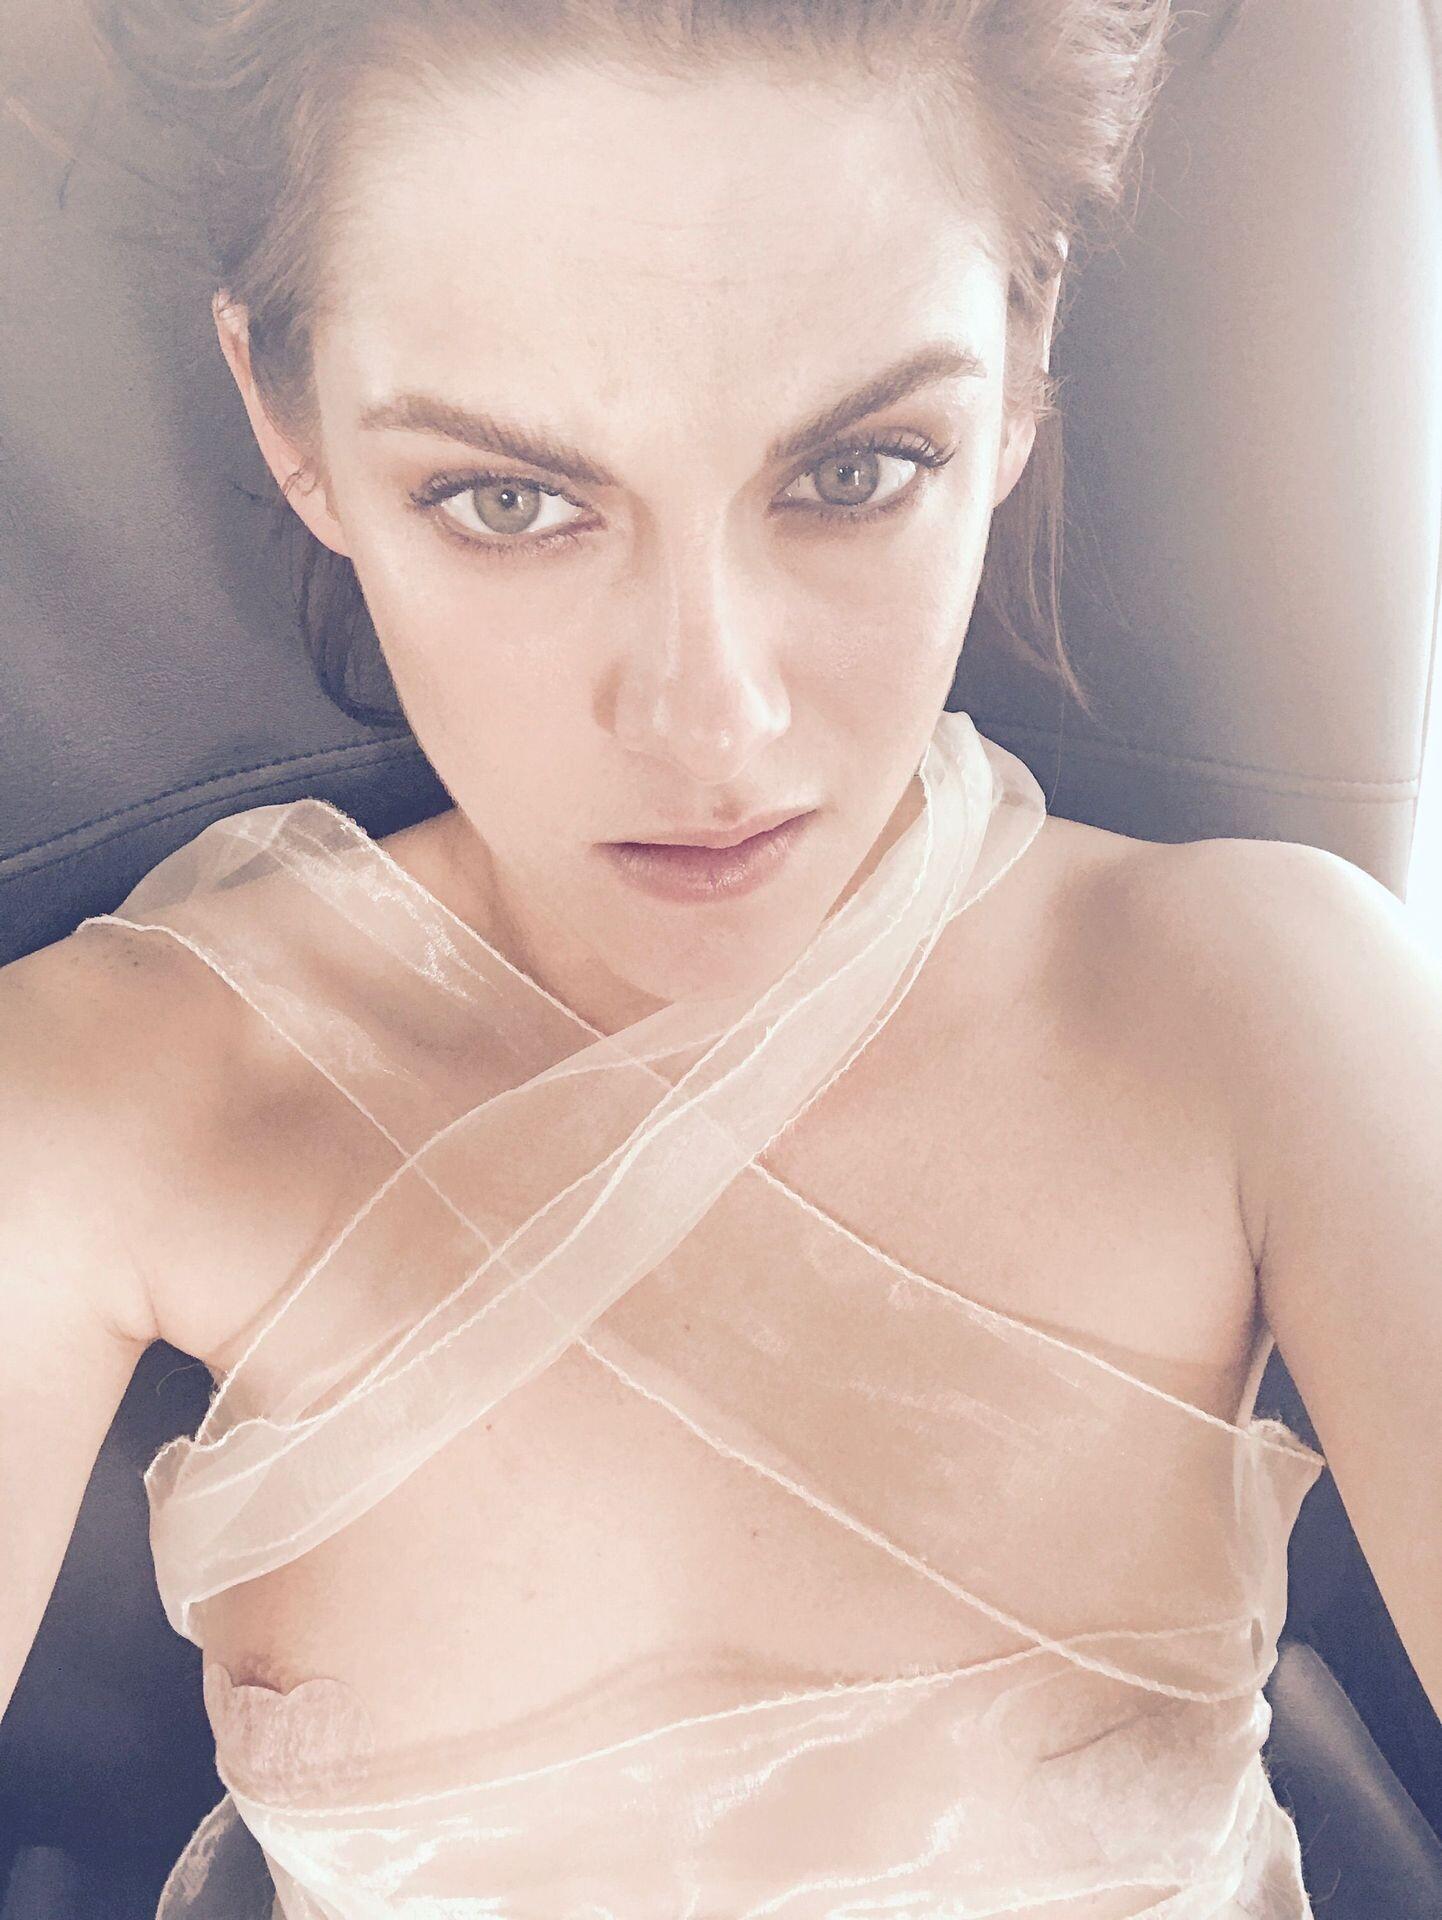 Kristen Stewart Nude Leaked 74 fappenings.com